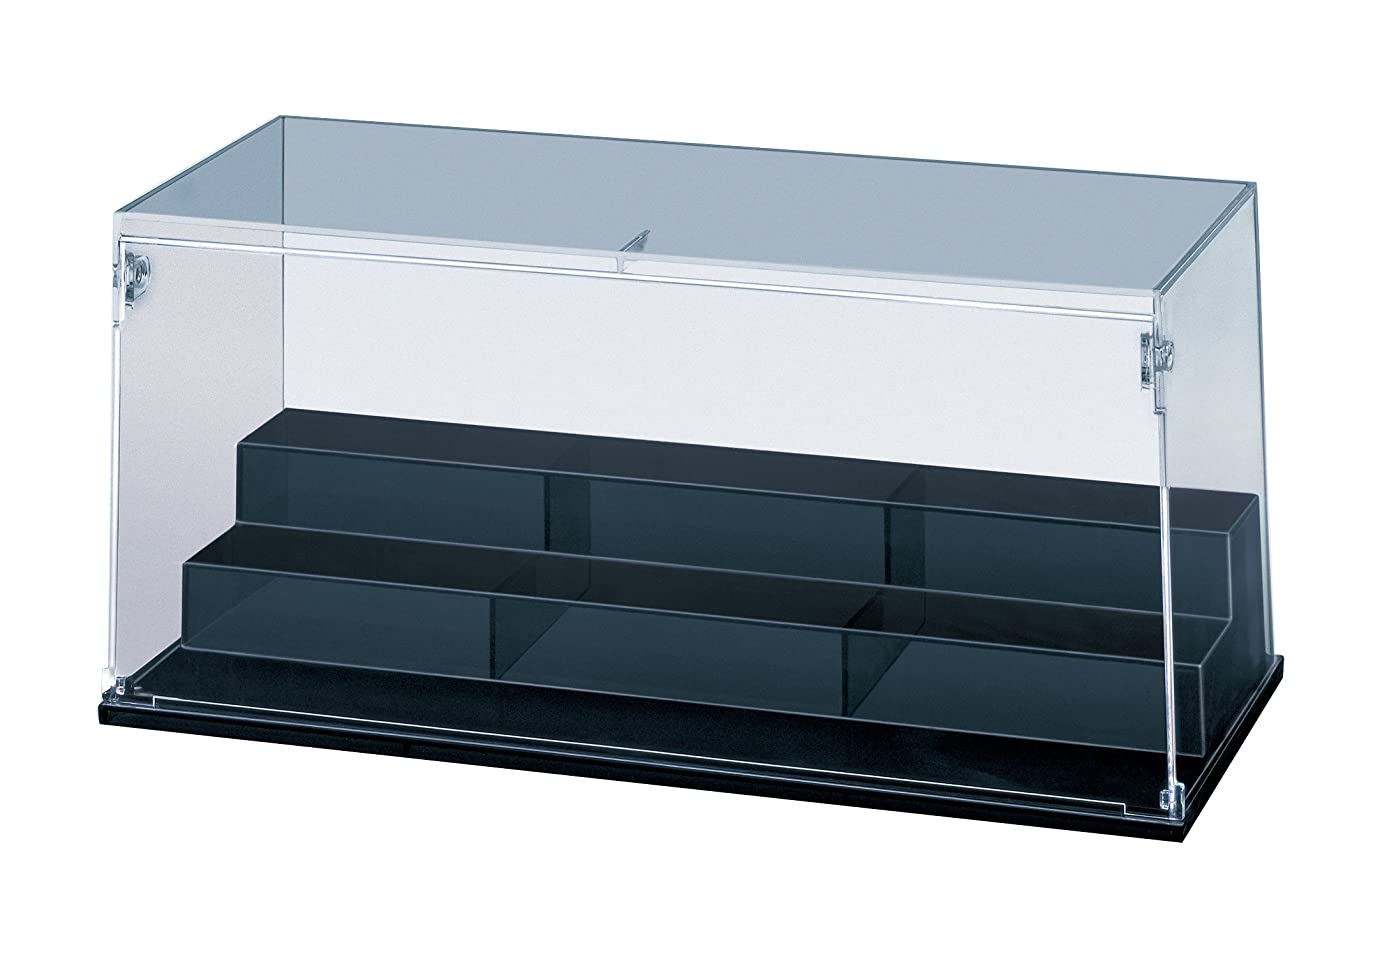 取得する病者追い出すマインクラフト(MINECRAFT) 30×30×30 フタ付 収納 ボックス 頑丈4mm厚 おもちゃ ストレージ おかたずけ箱 スツール【全3種:スツール、TNT、草ブロック】 (スツール)